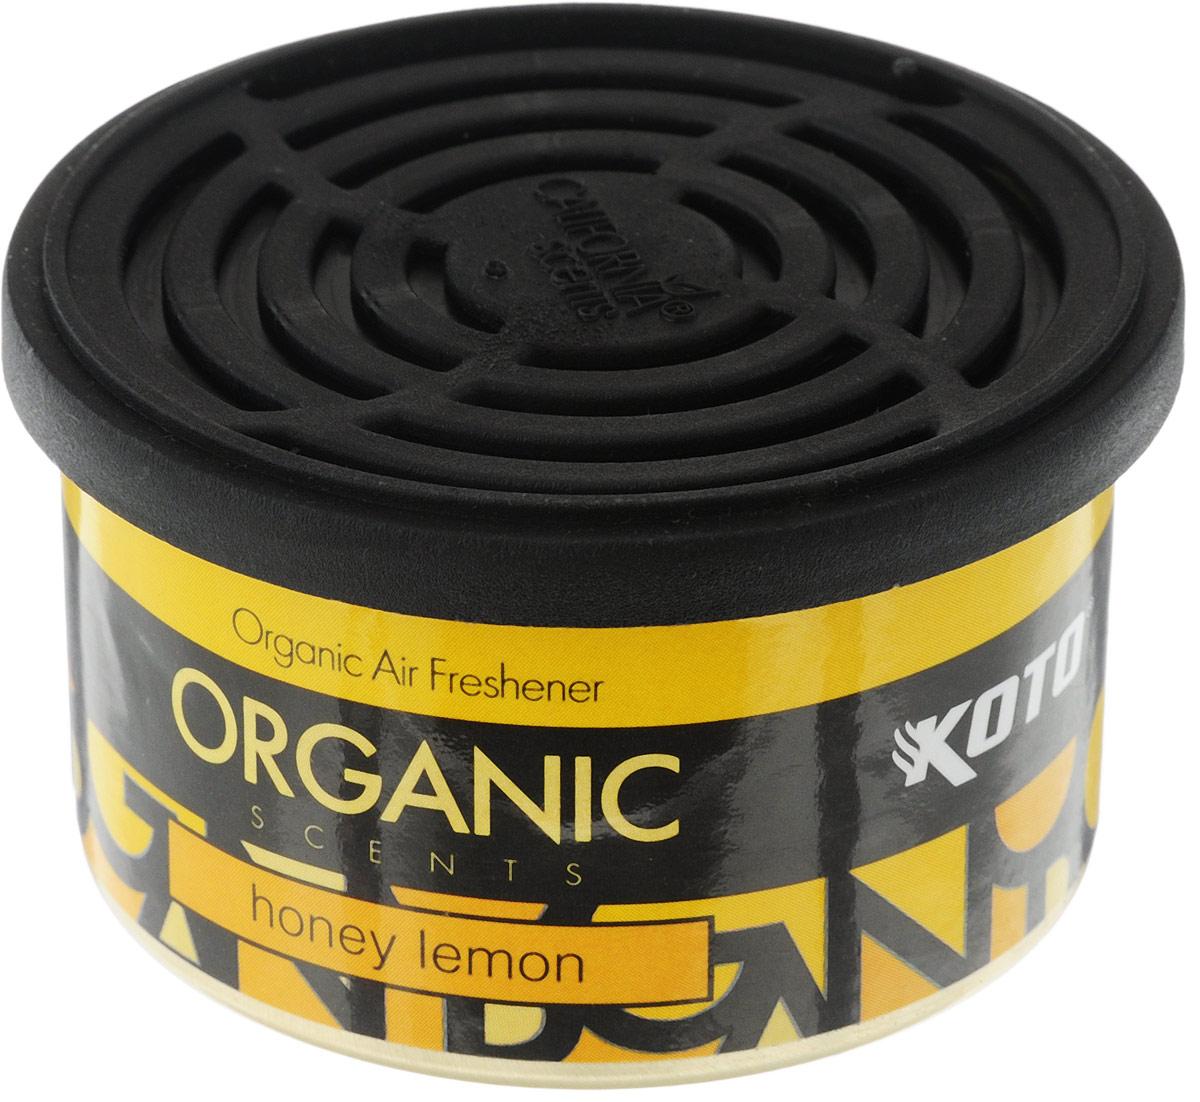 Ароматизатор автомобильный Koto Organic, медовый лимонK-1011Автомобильный ароматизатор Koto Organic эффективно устраняет неприятные запахи и придает приятный аромат меда и лимона.Внутри - органический наполнитель, который не растекается и не вредит окружающей среде. Ароматизатор имеет удобную крышку-регулятор, так что интенсивность аромата вы сможете настроить сами. Стойкий аромат держится около 60 дней. Ароматизатор может быть расположен как на приборной панели, так и под сиденьем автомобиля.Товар сертифицирован.